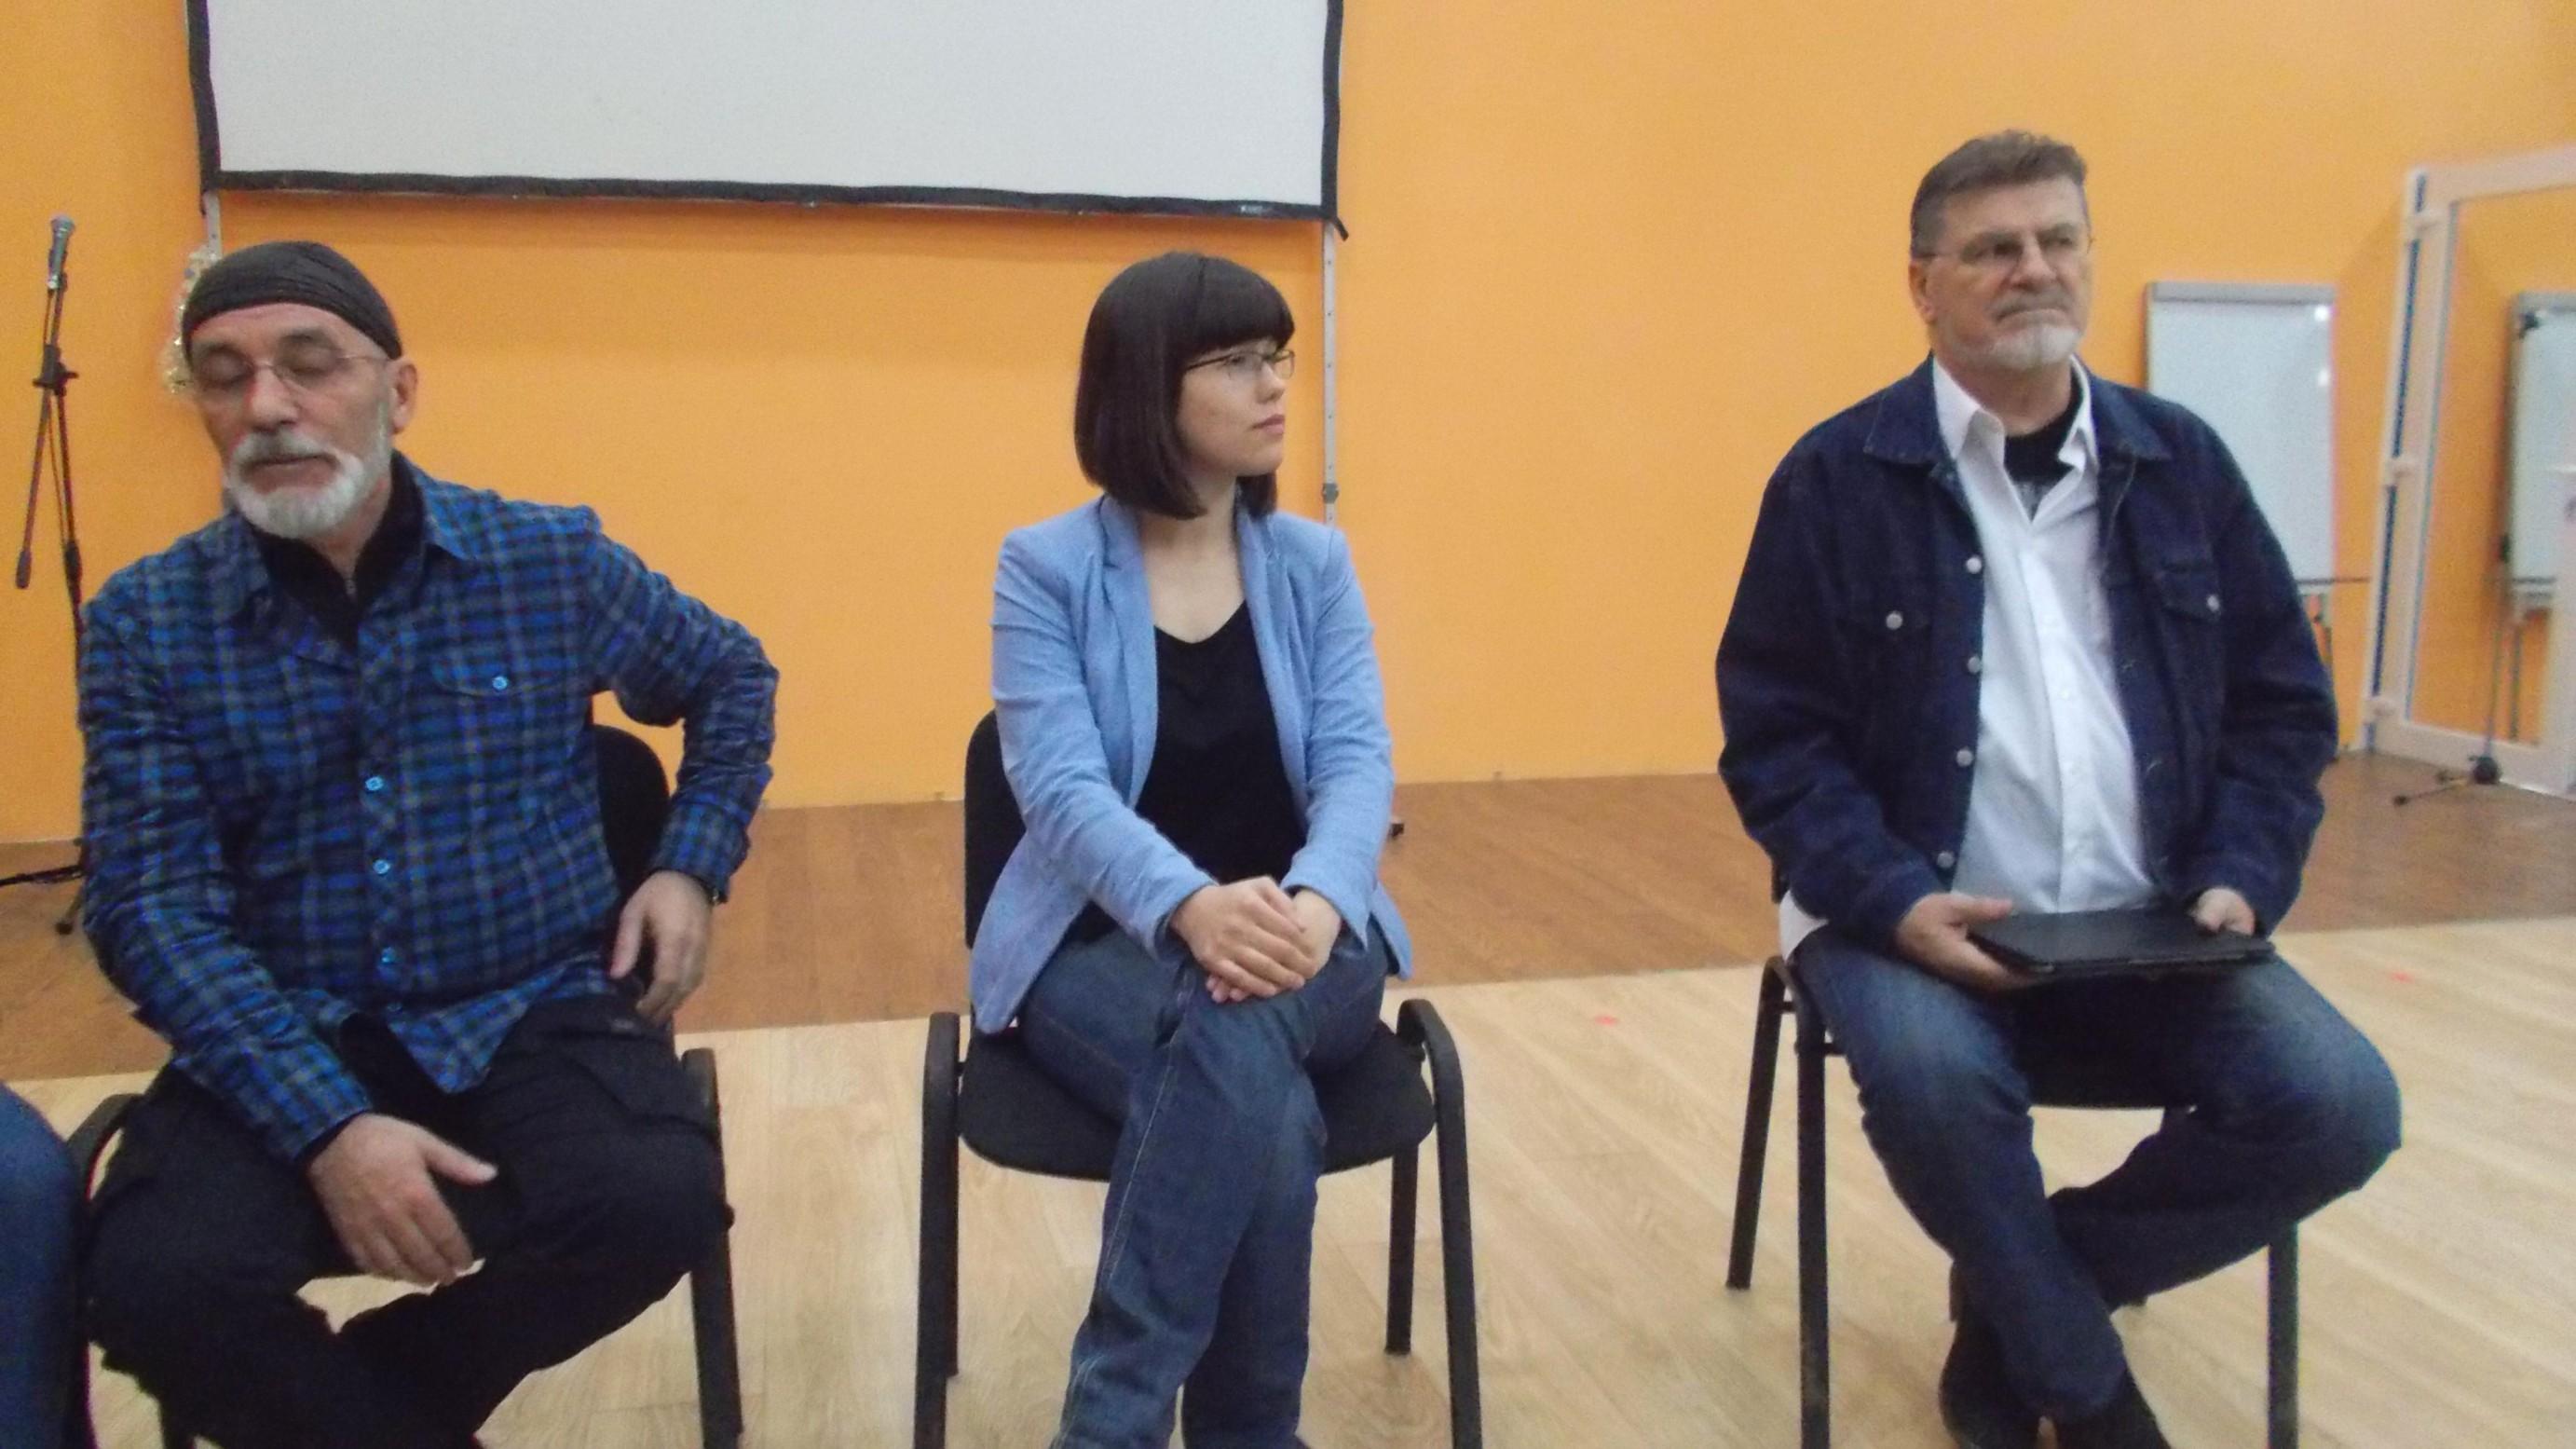 Prezidiu: Victor T. Rusu, Oana Şlemco şi Mihai Pânzaru-PIM